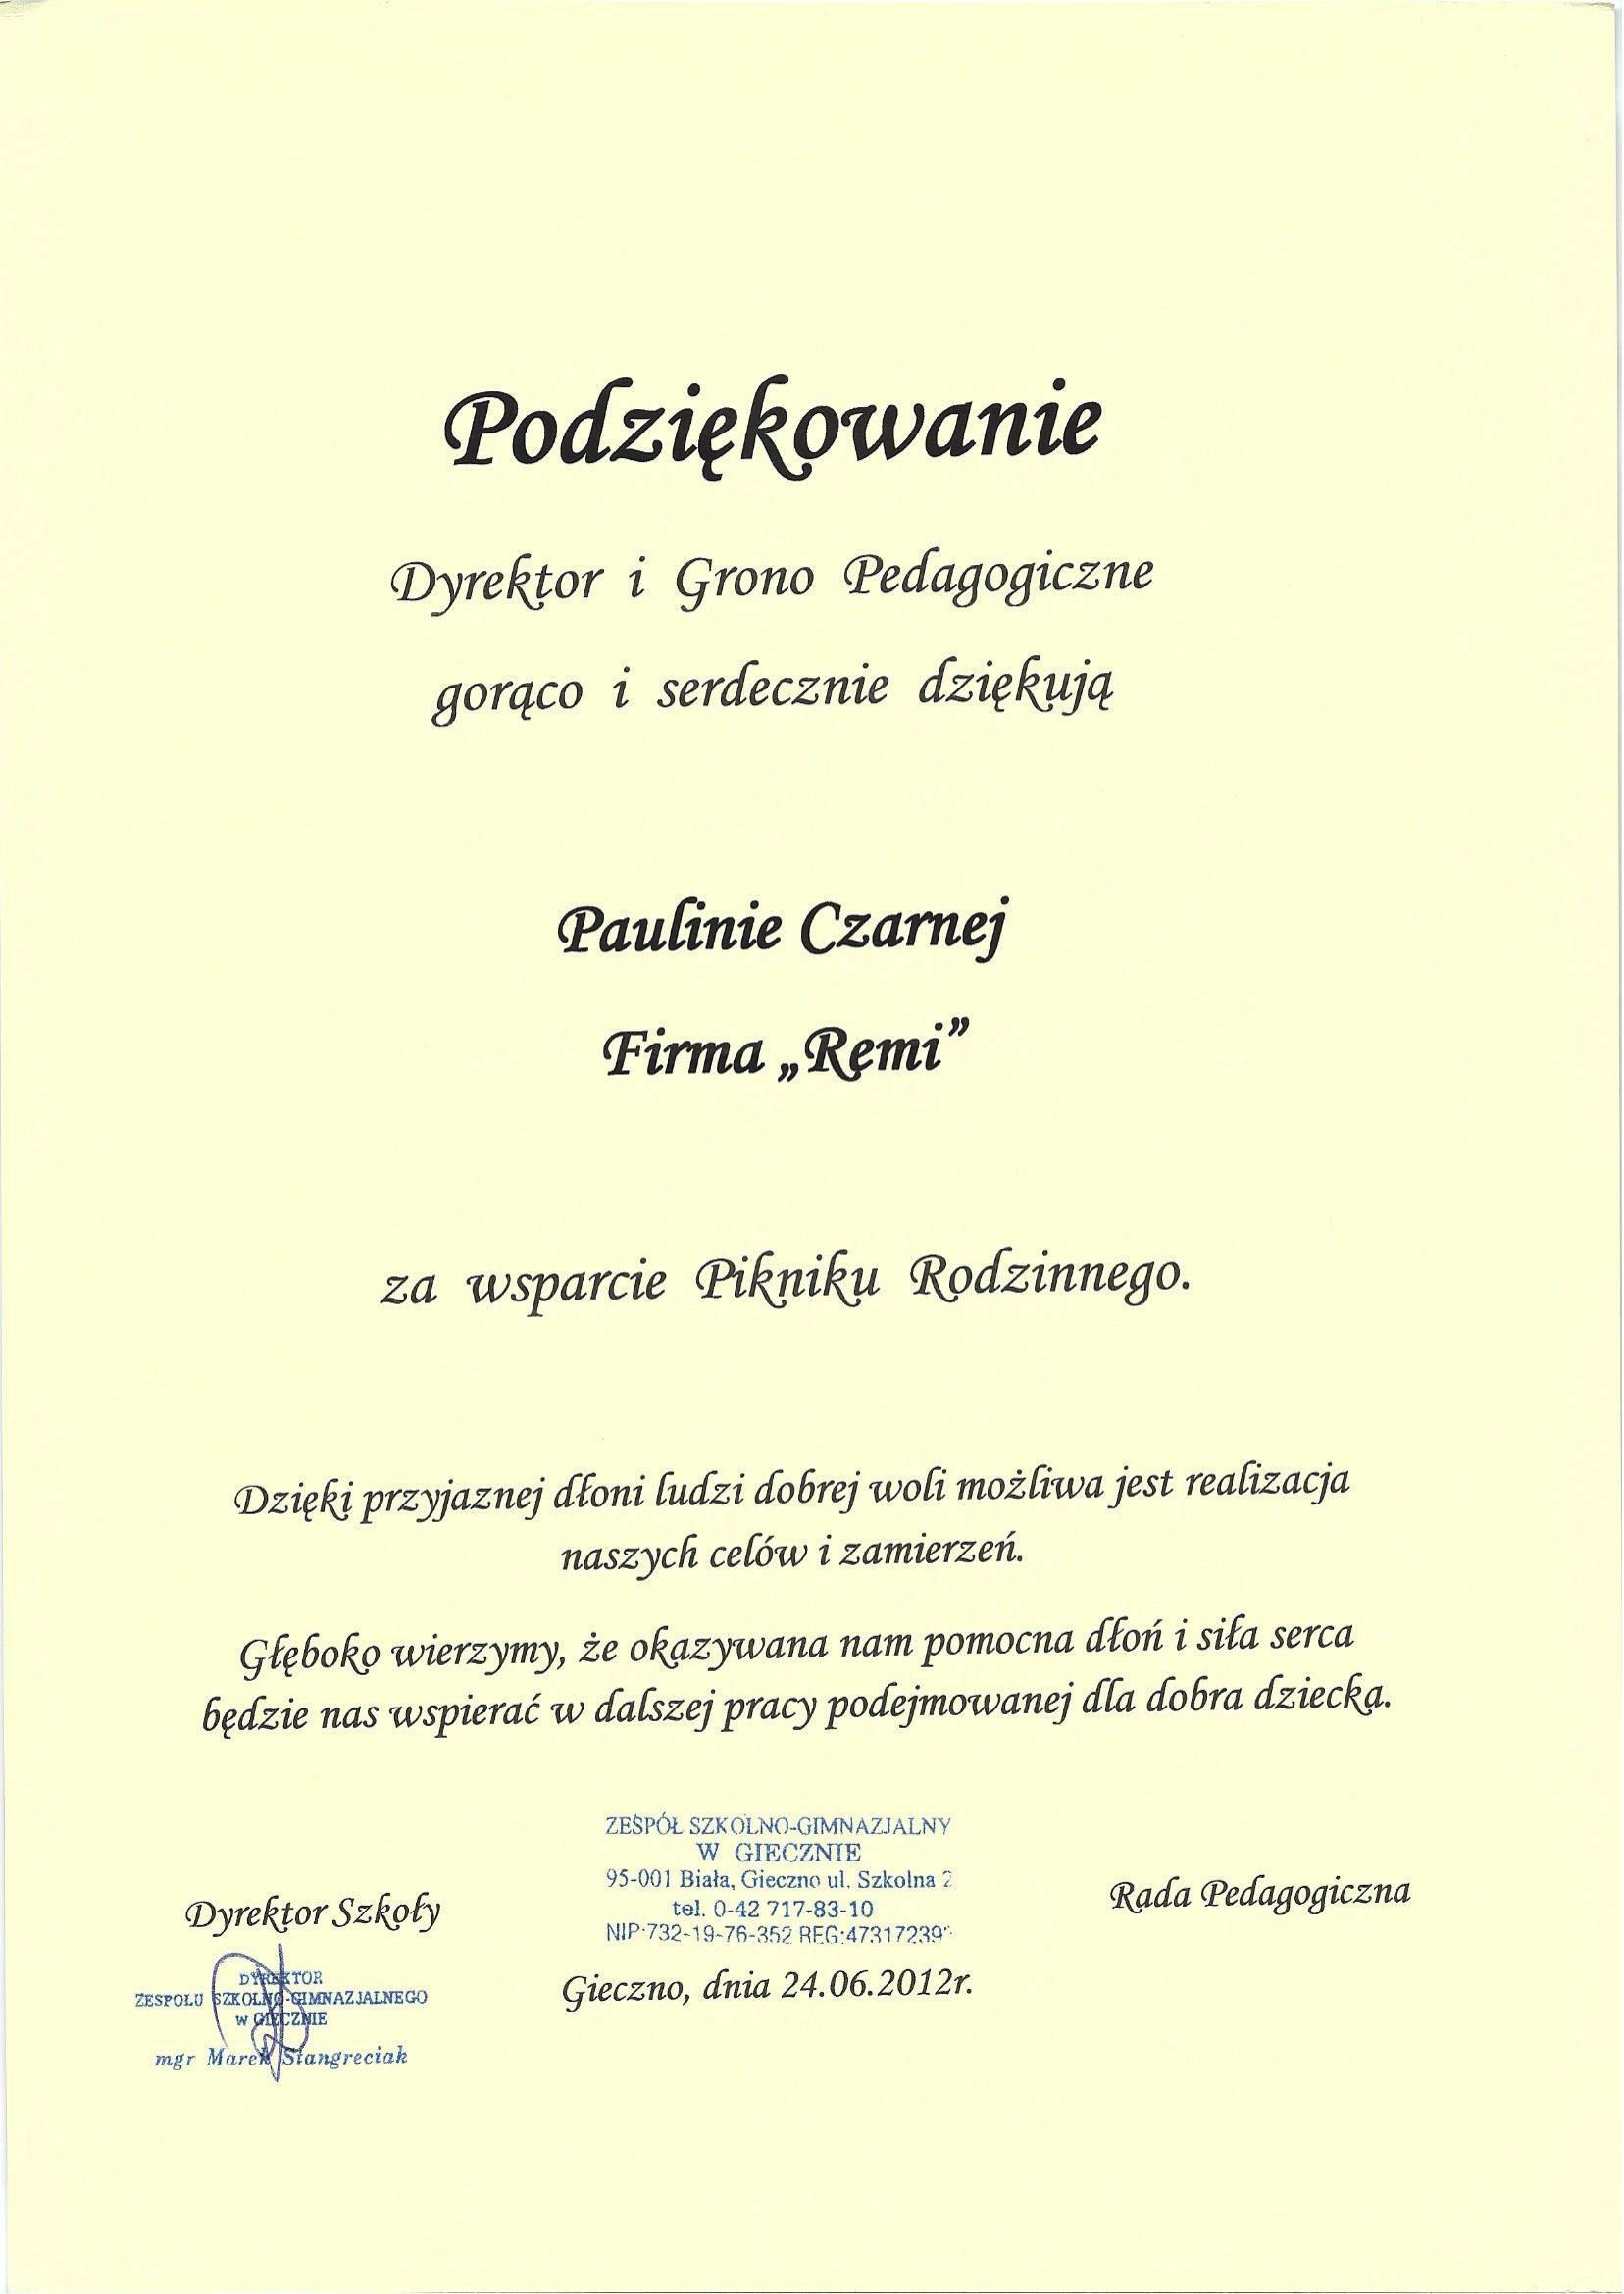 Zespół Szkolno-Gimnazjalny, Gniezno